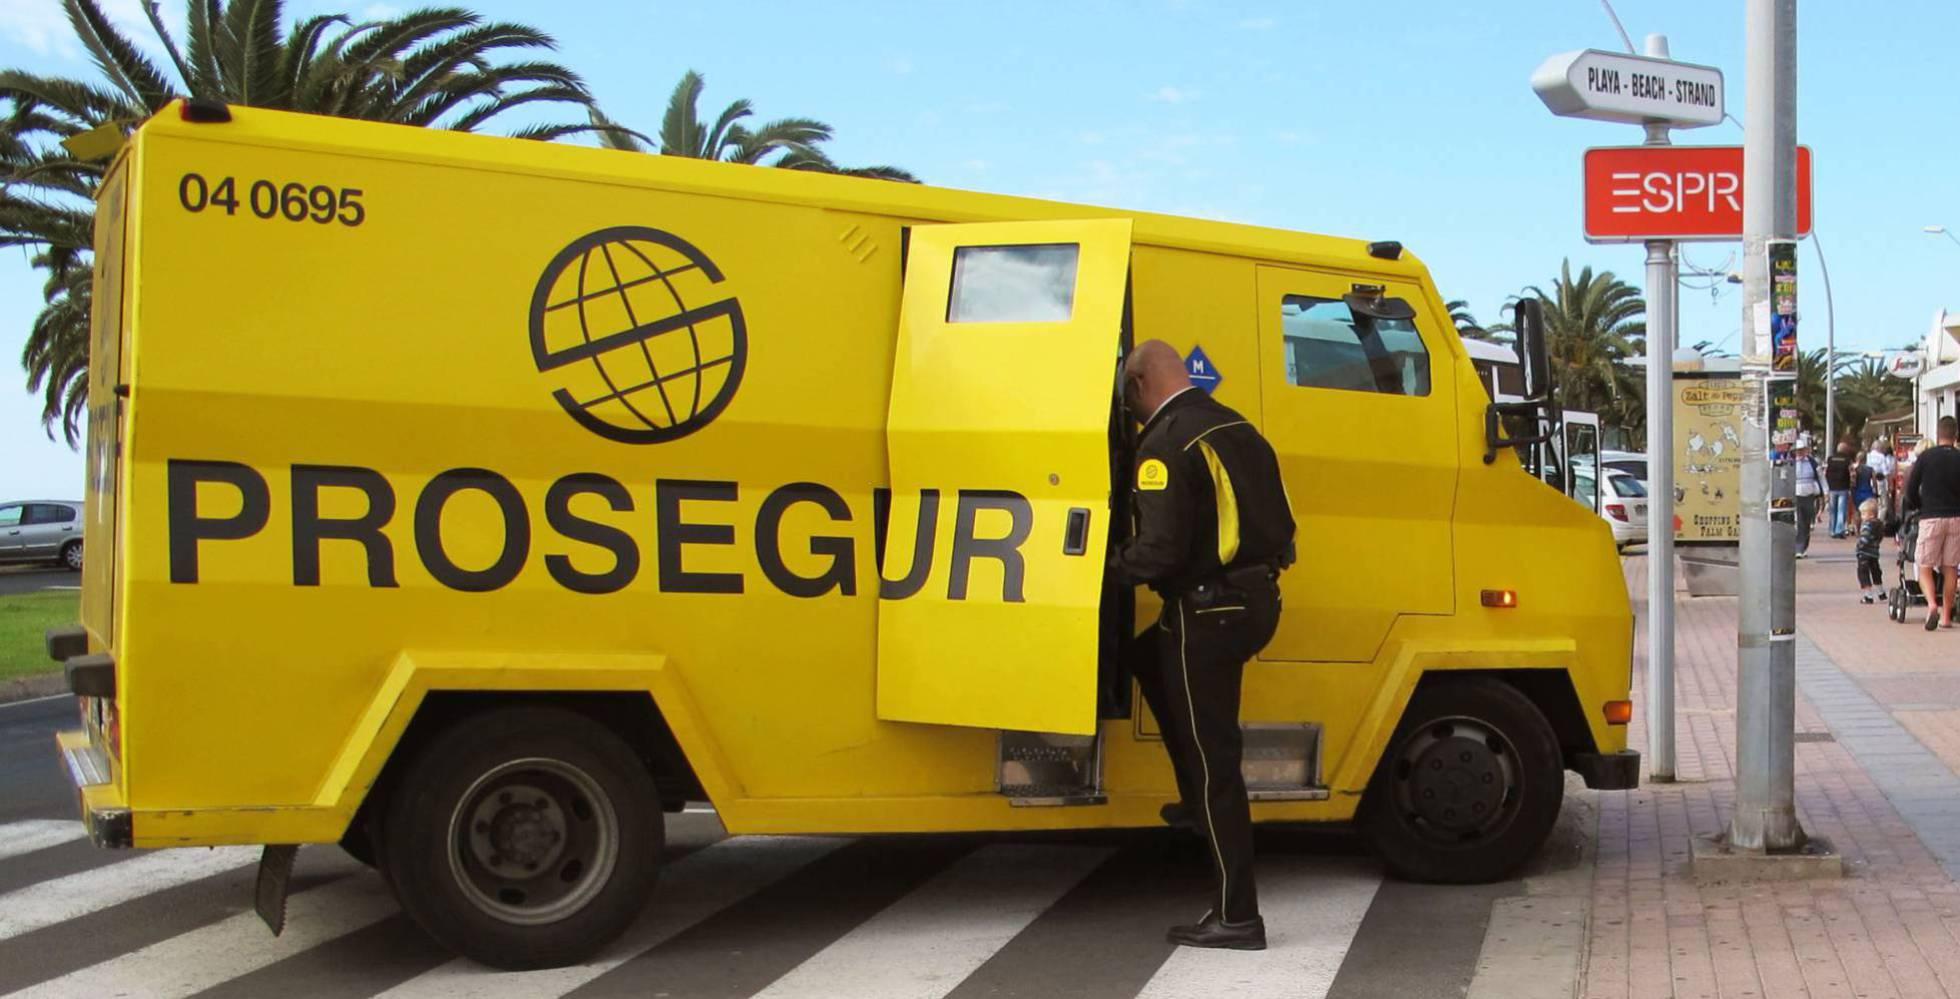 Prosegur prevé elevar su facturación un 6% hasta 6.700 millones en 2030